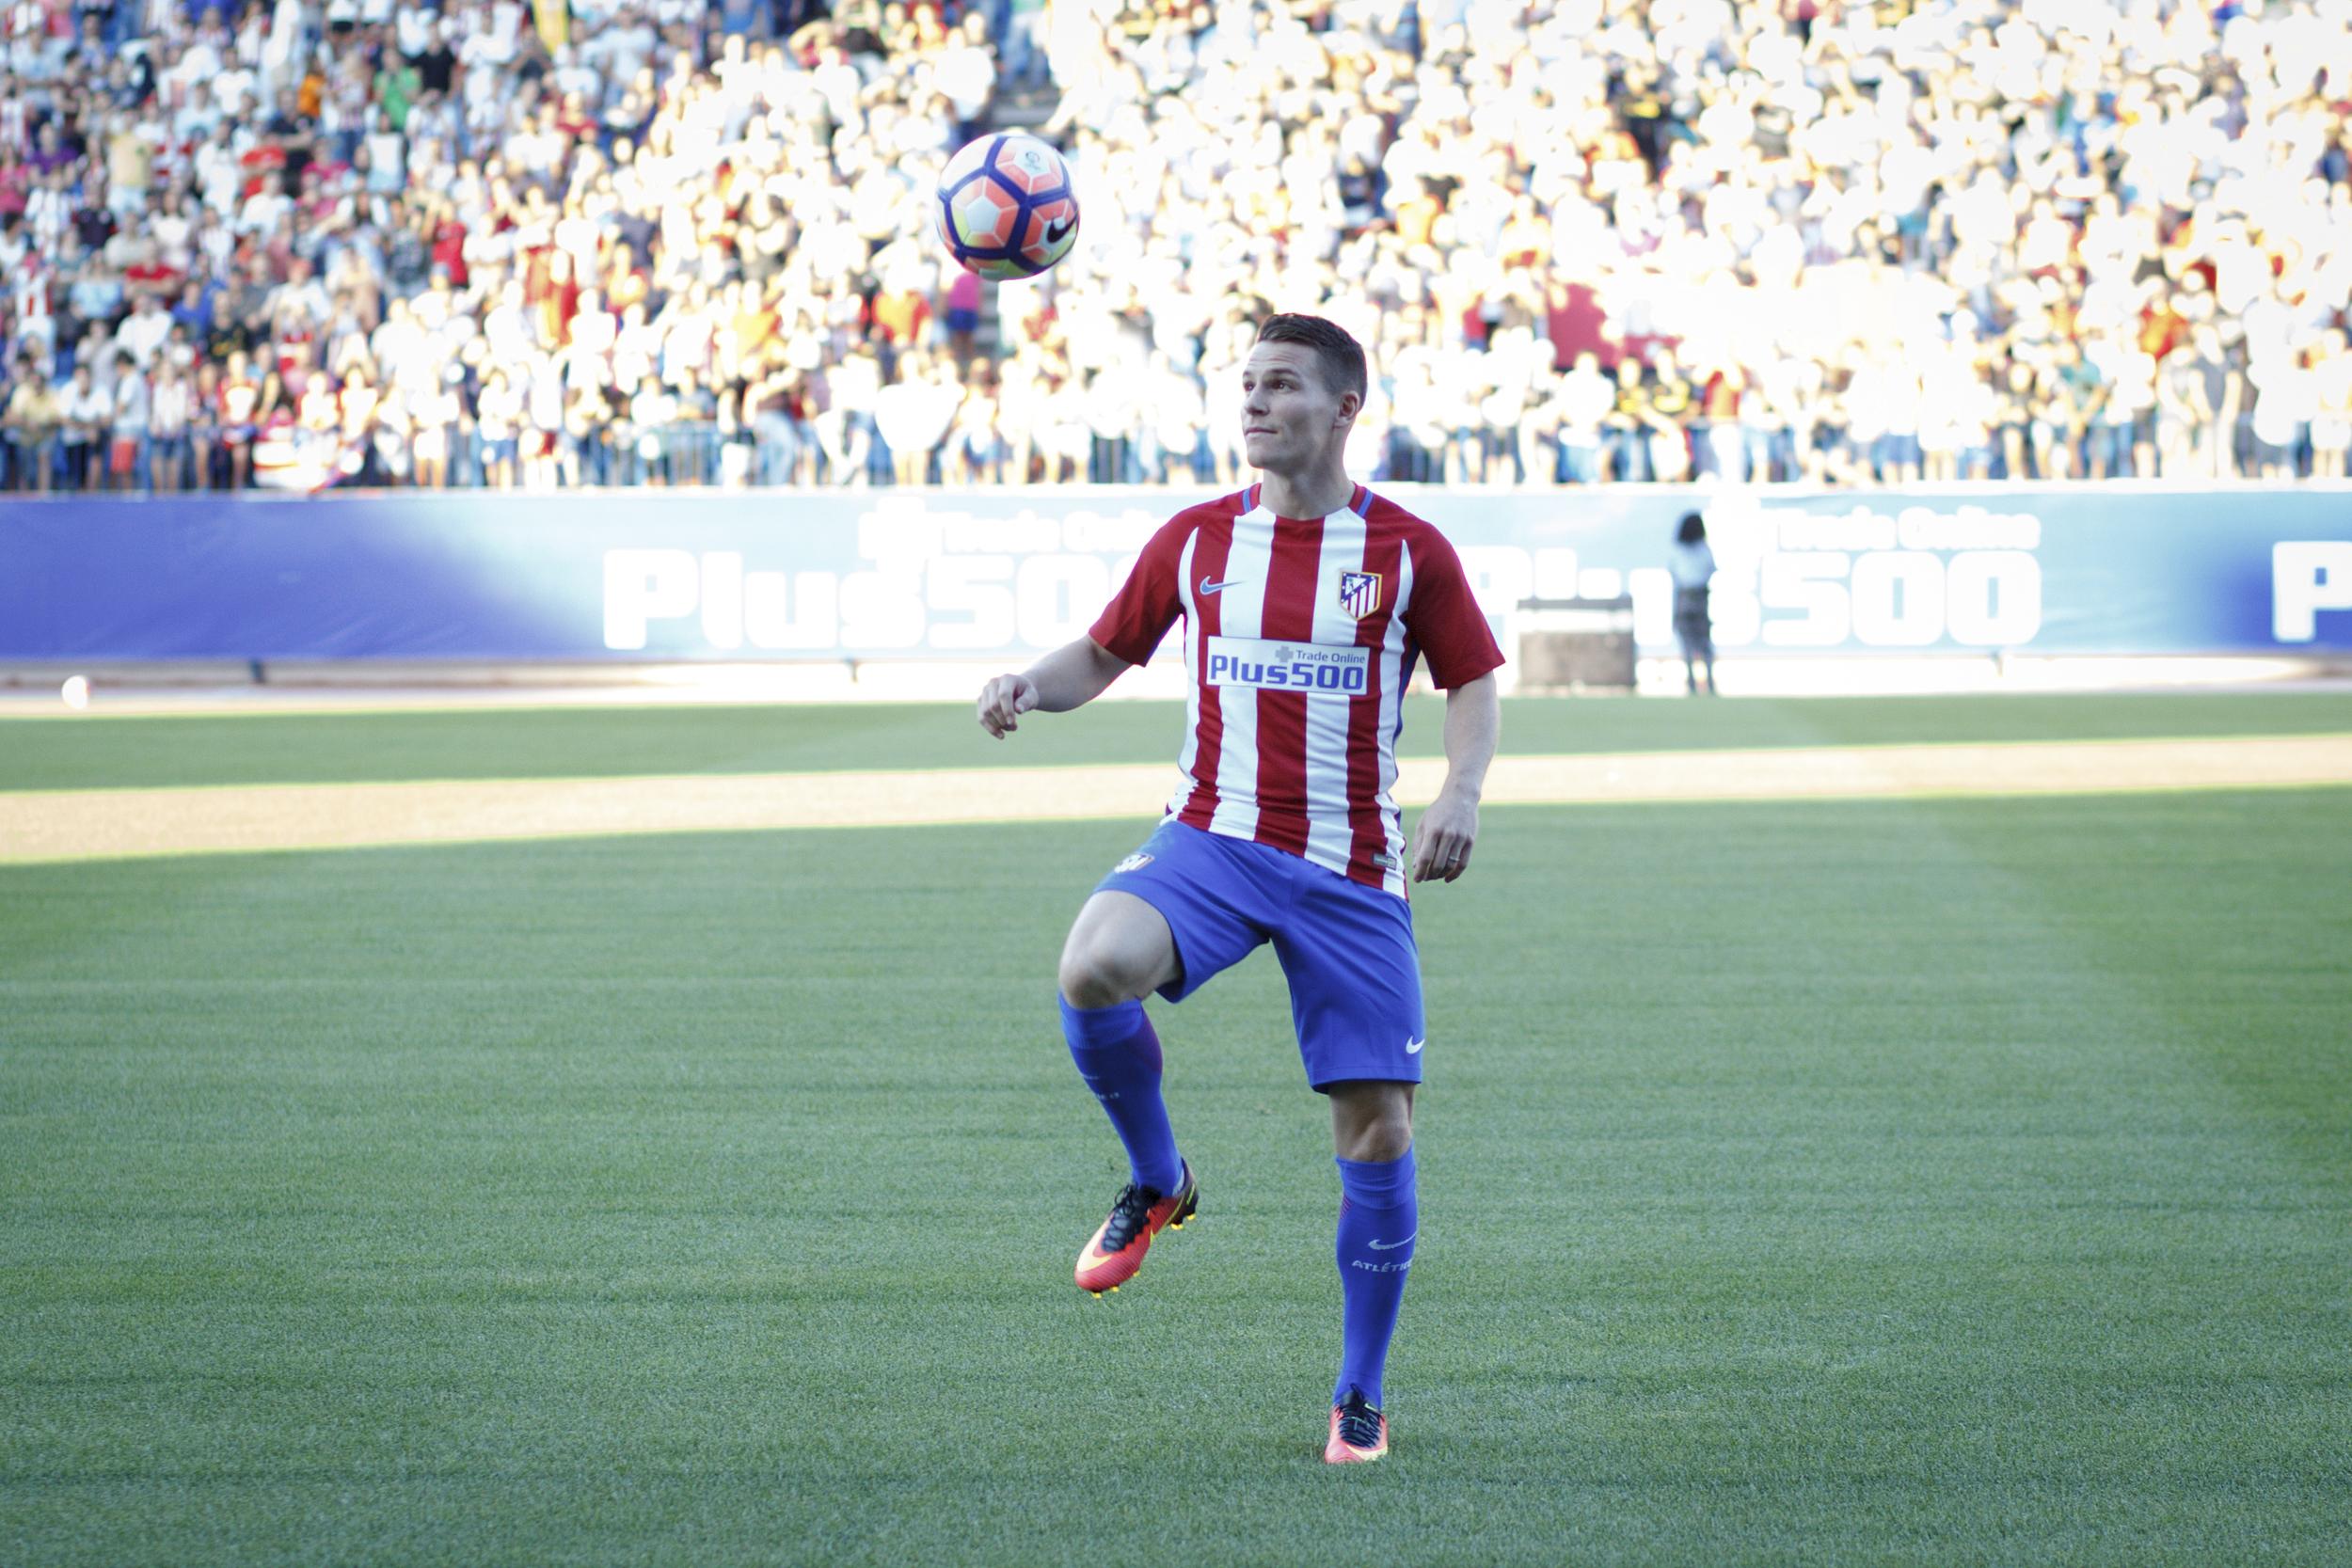 Bliver nyindkøbet Kevin Gameiro - hentet i Sevilla - svaret på Diego Simeones angrebsbønner i Atletico Madrid?  Foto: Guillermo Martinez/Getty Images